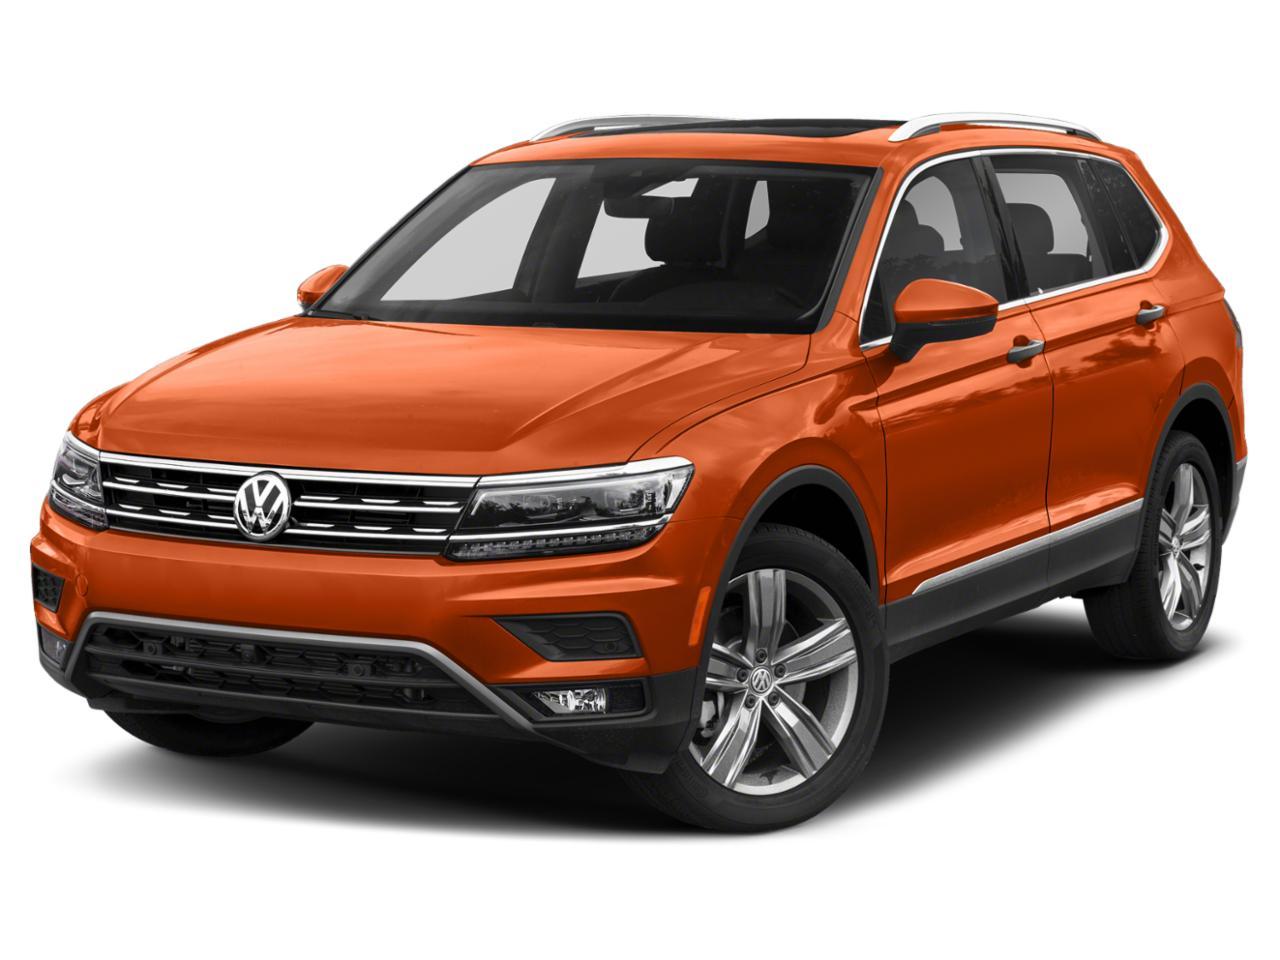 2019 Volkswagen Tiguan Vehicle Photo in Joliet, IL 60586